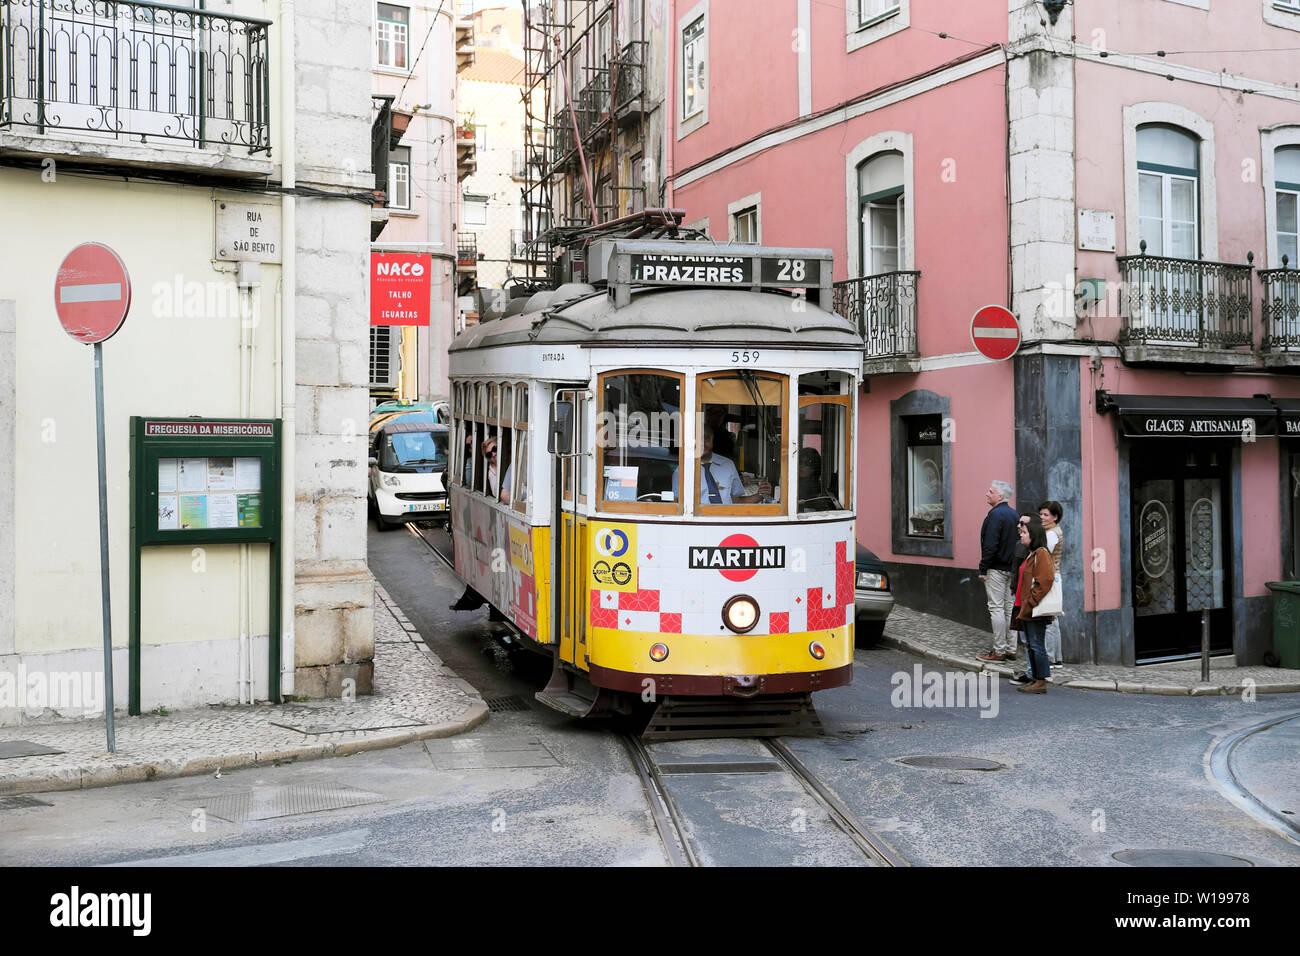 Parte anteriore del 28 tram per Prazeres sulla Rua de Sao Bento Street nel quartiere Bairro Alto di Lisbona Portogallo Europa KATHY DEWITT Foto Stock